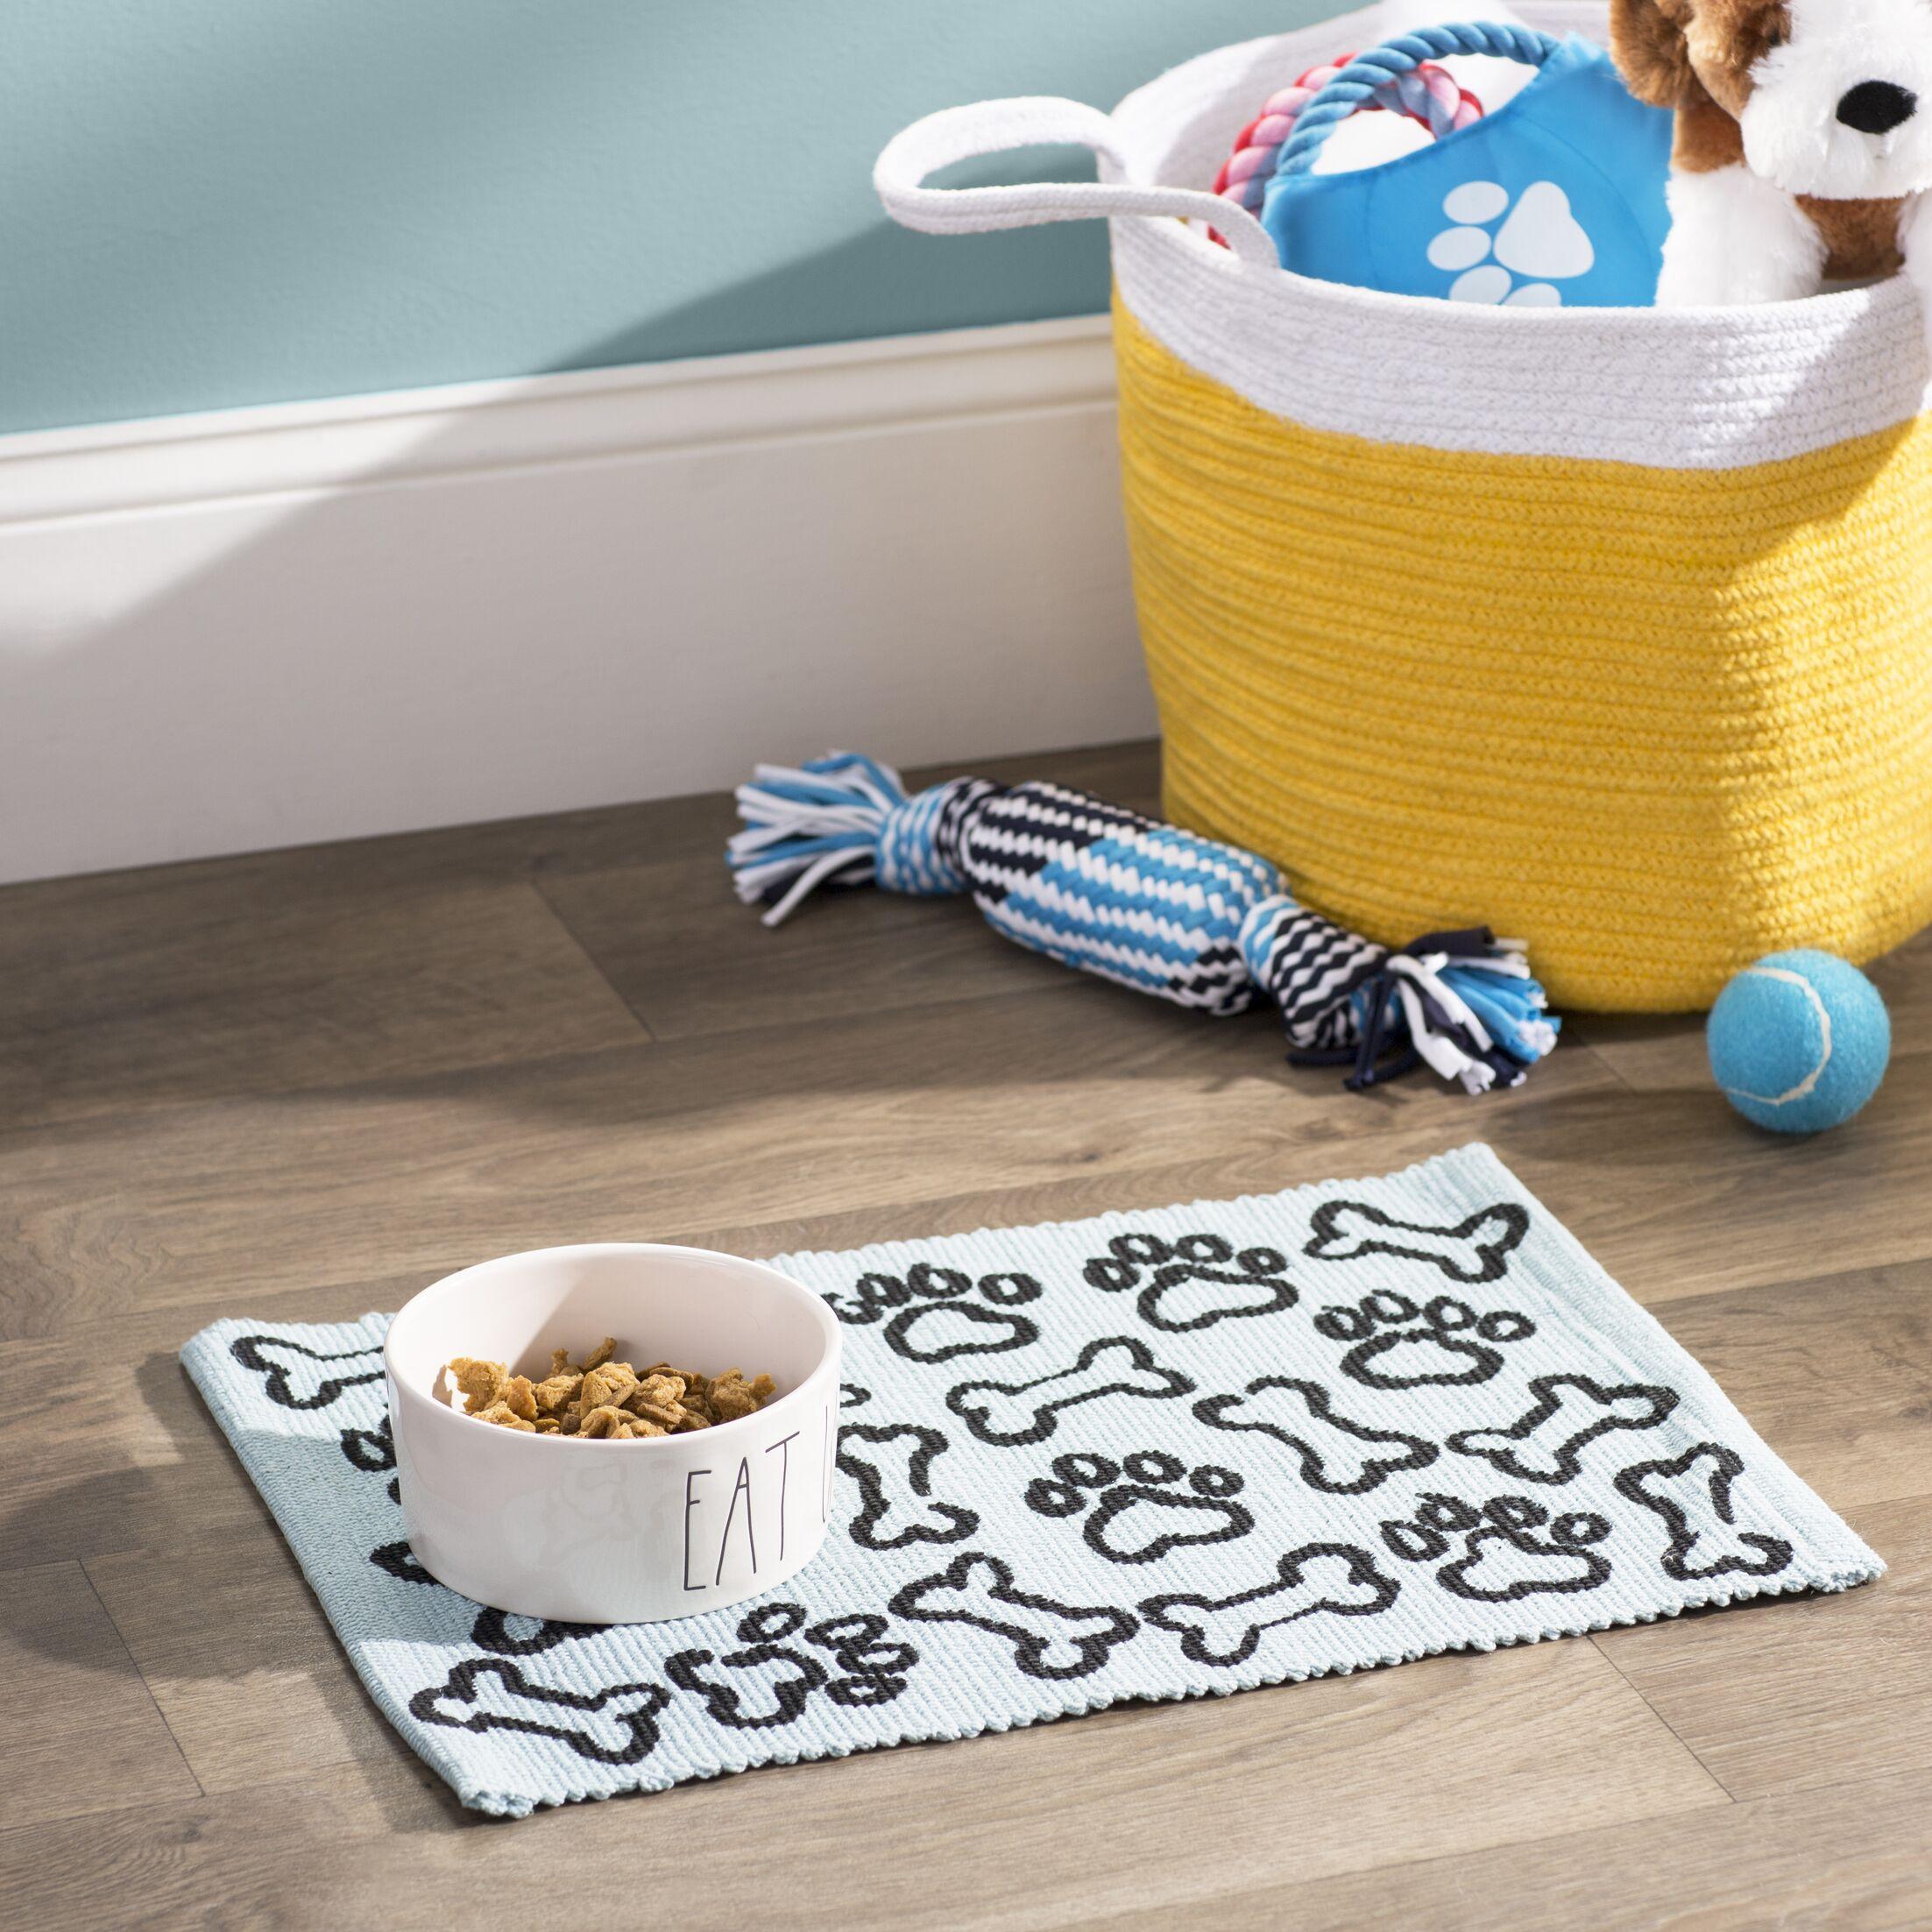 Isabella Puppy Paws Cotton Pet Mat Color: Aqua/Black, Size: 19